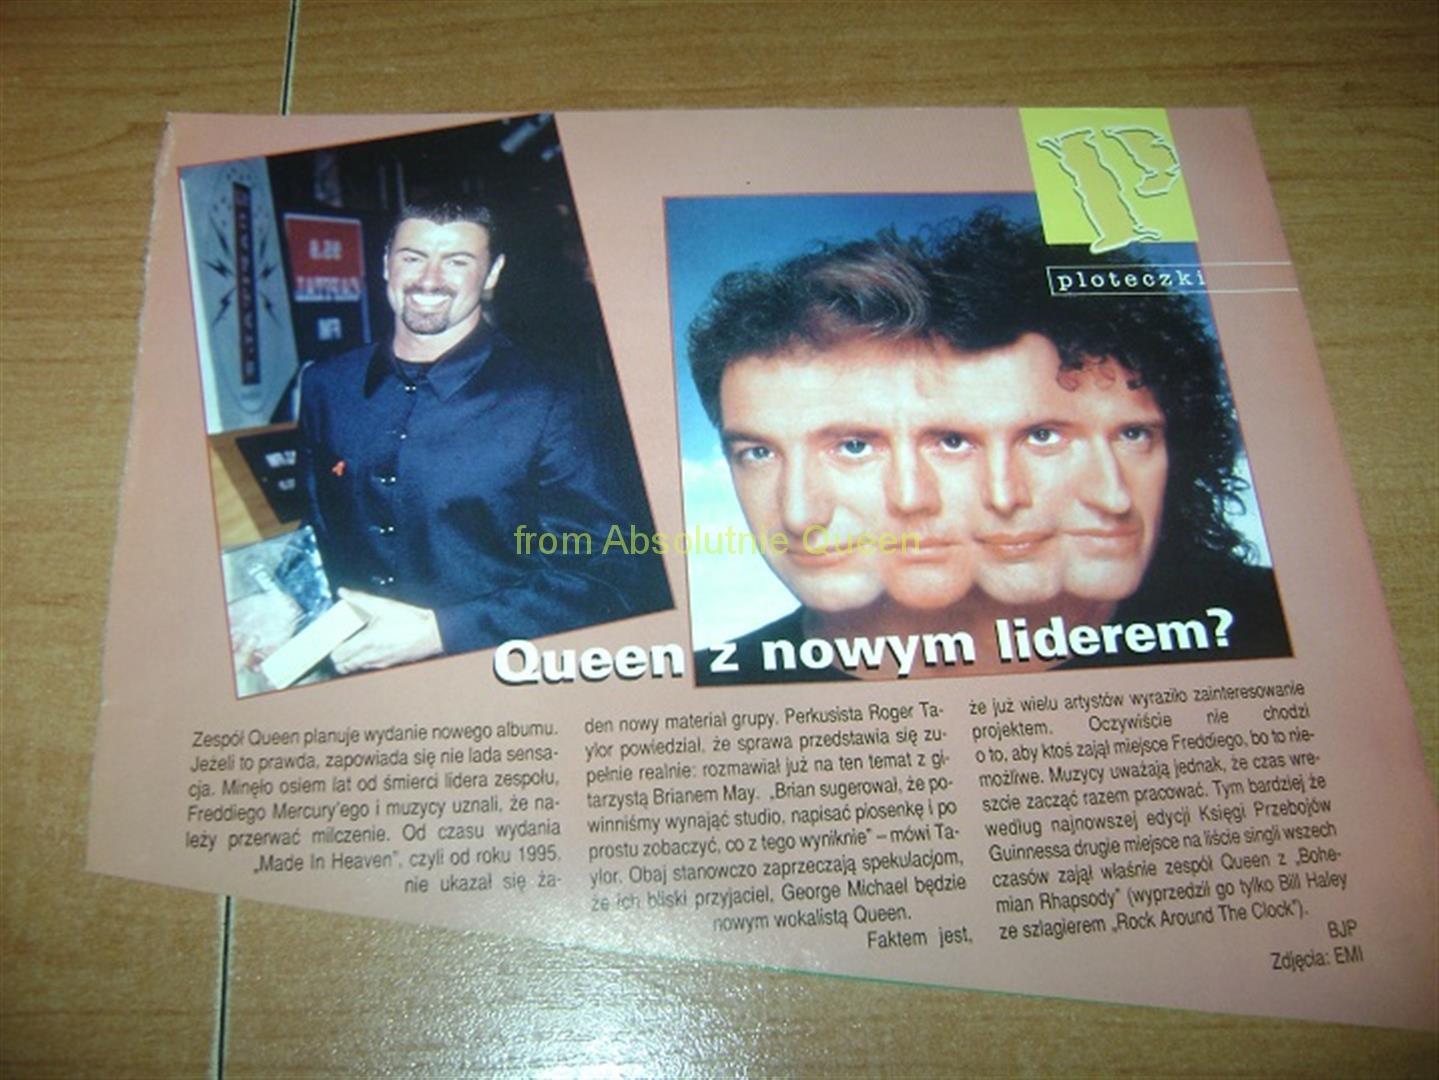 QUEEN Z NOWYM LIDEREM - jakieś pismo z 1999 roku